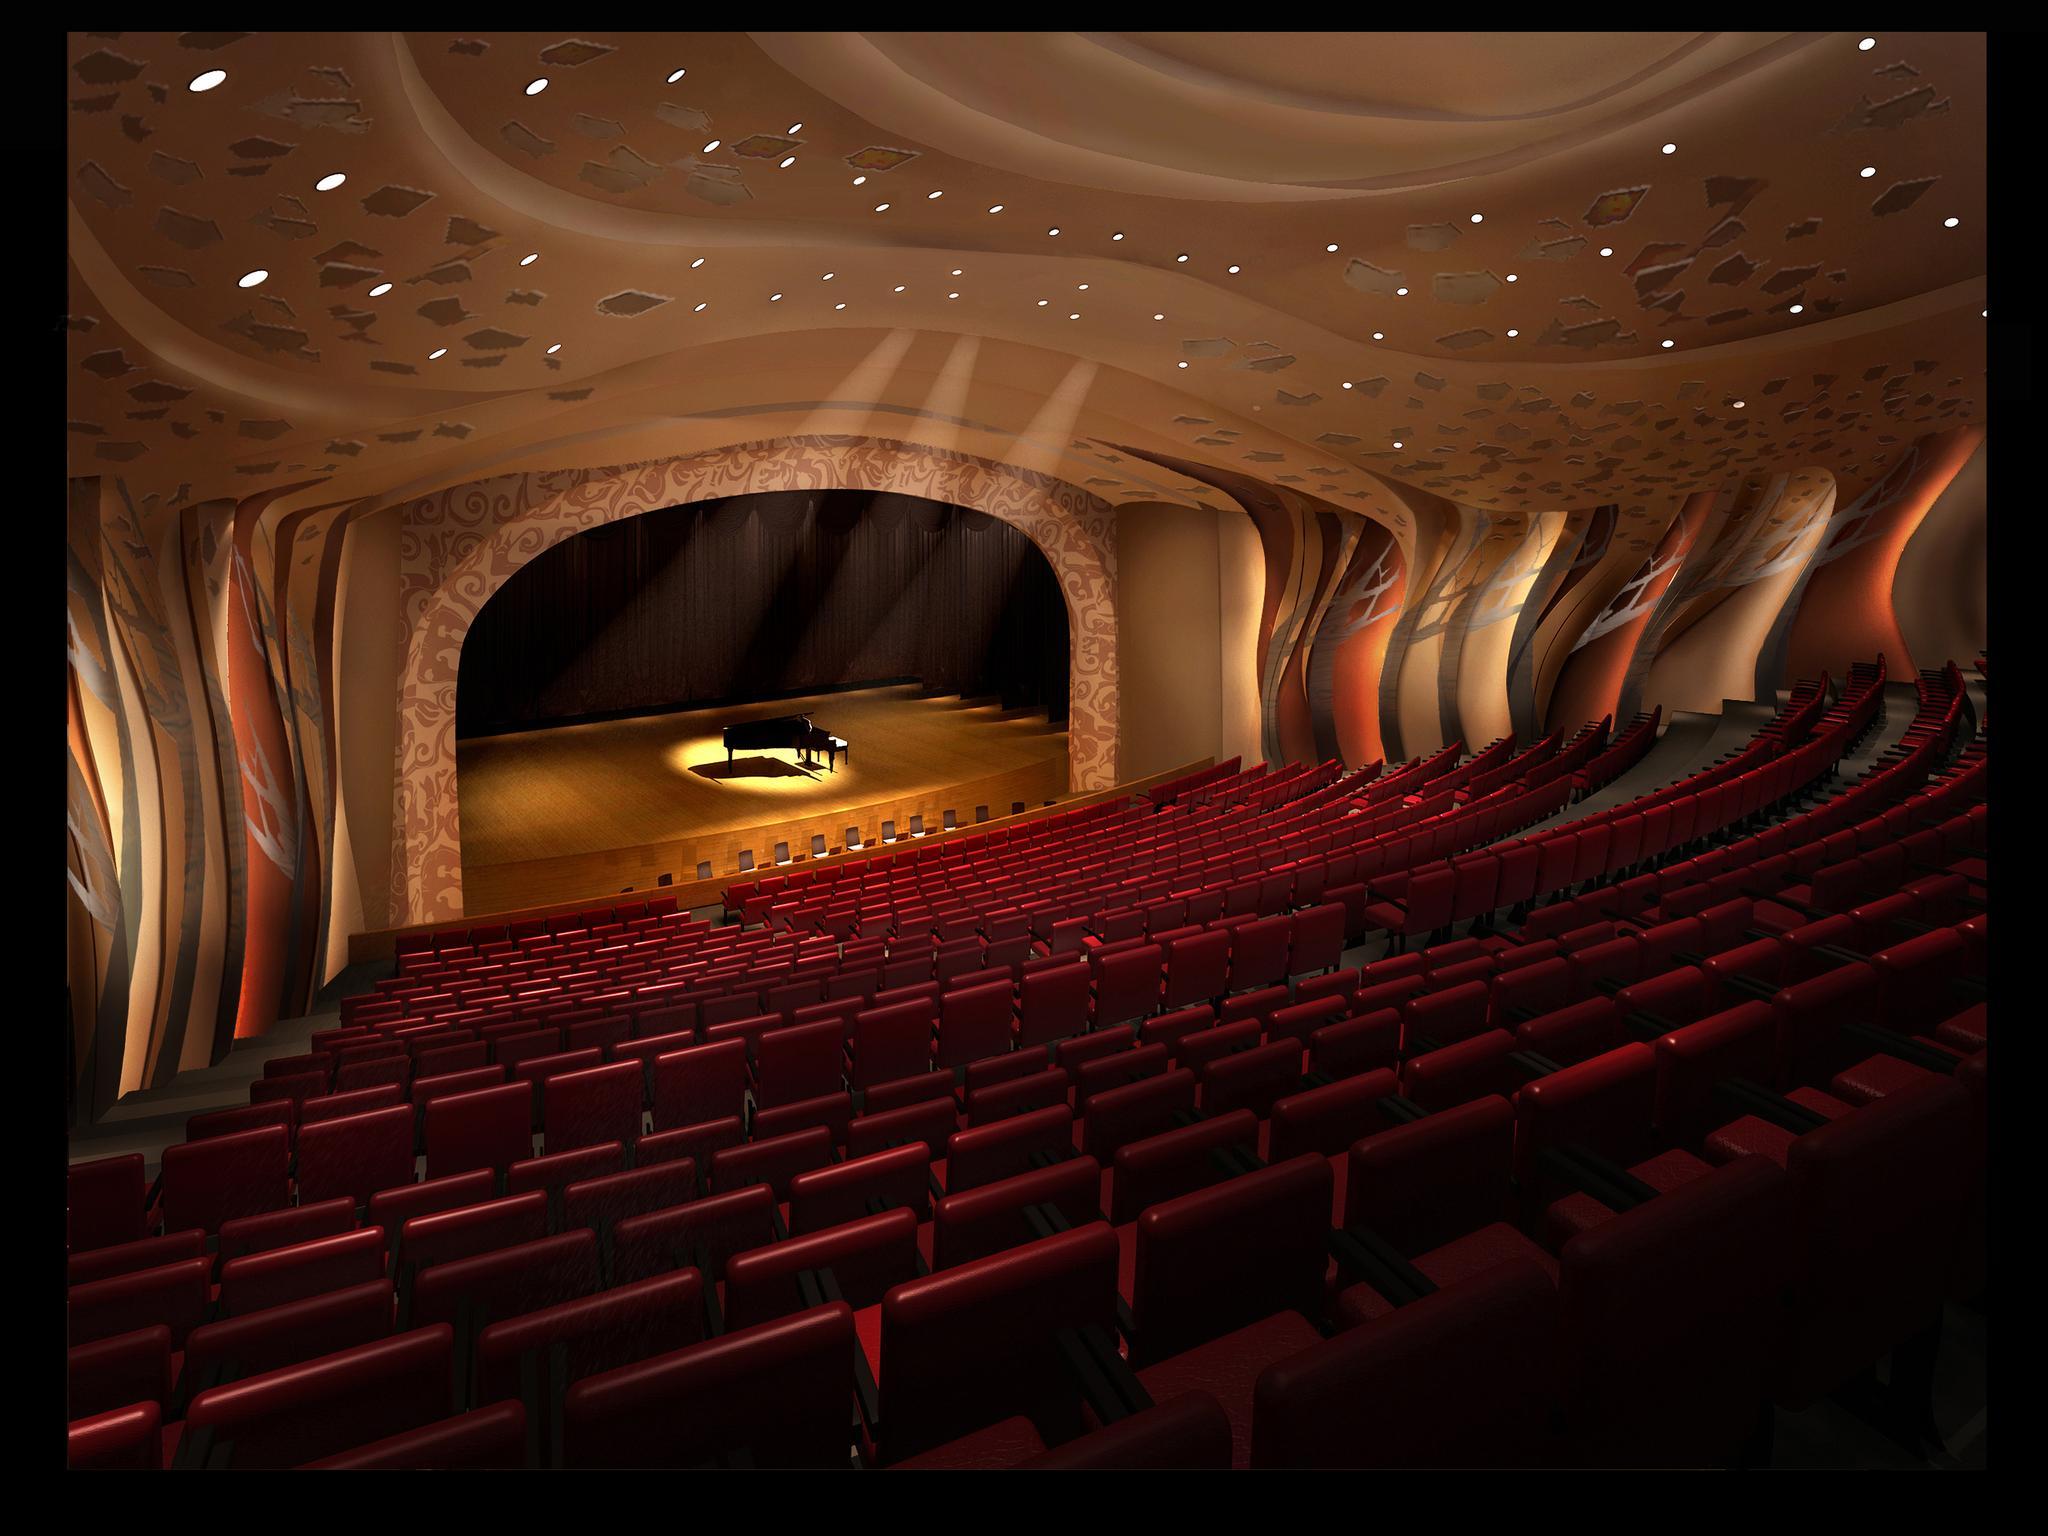 天府锦城打造城市核心功能区 人艺剧院预计2020年完工